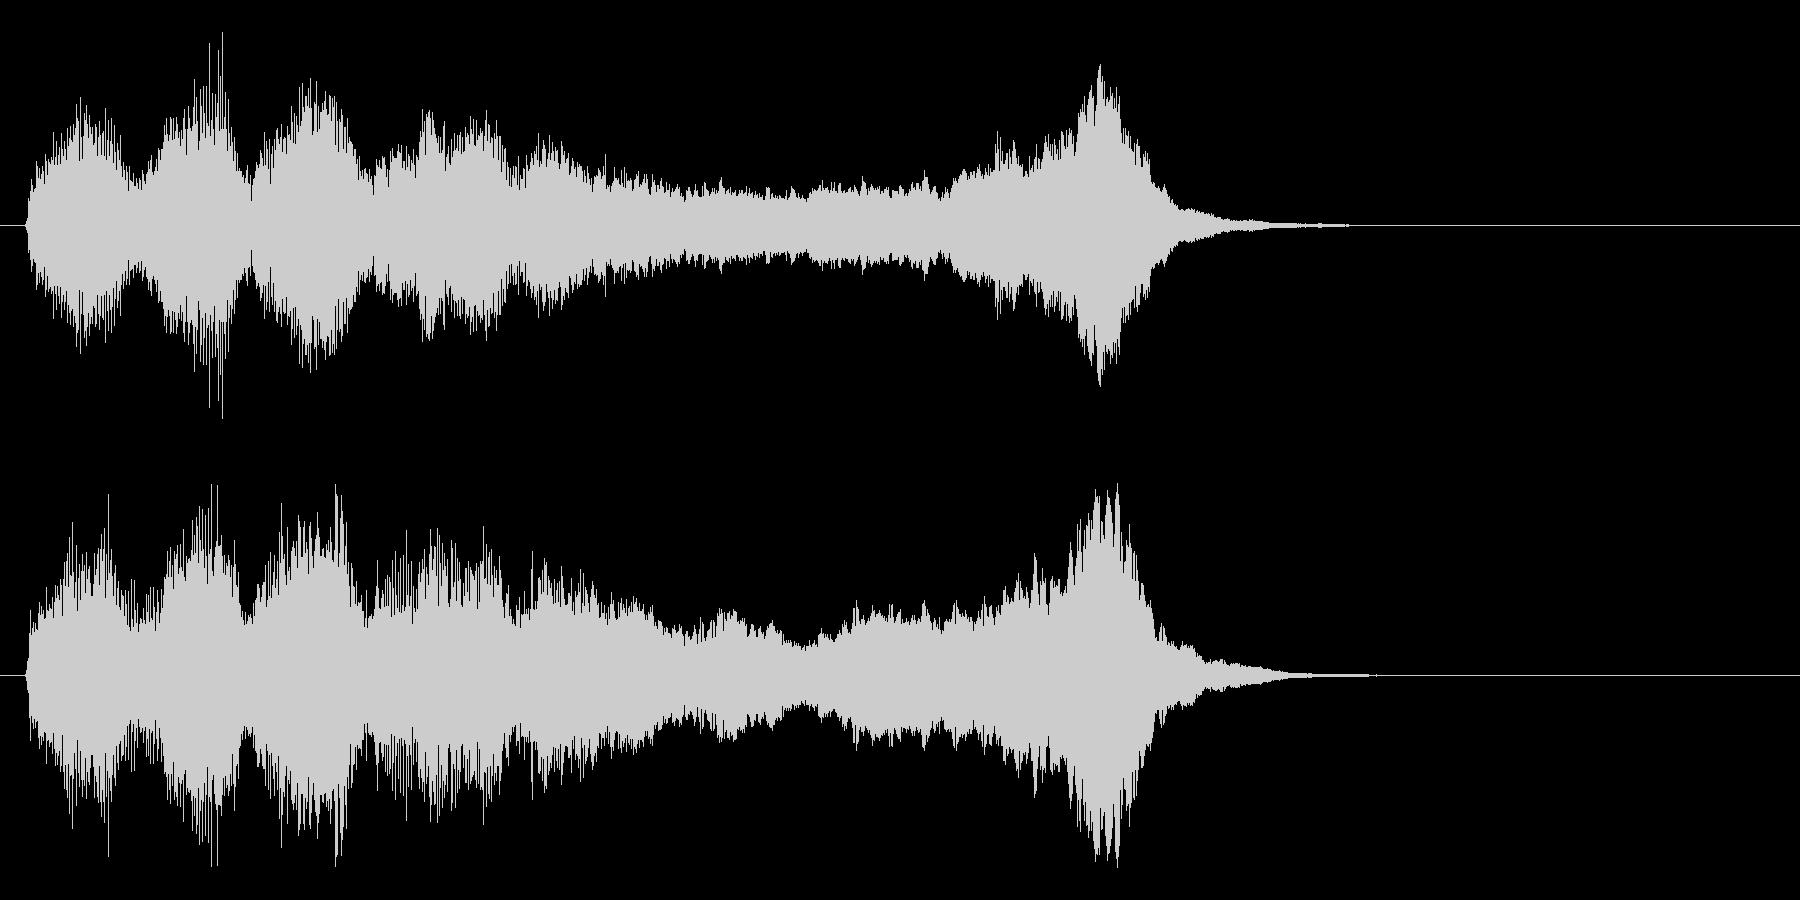 華やかで明るいファンファーレ1 金管のみの未再生の波形